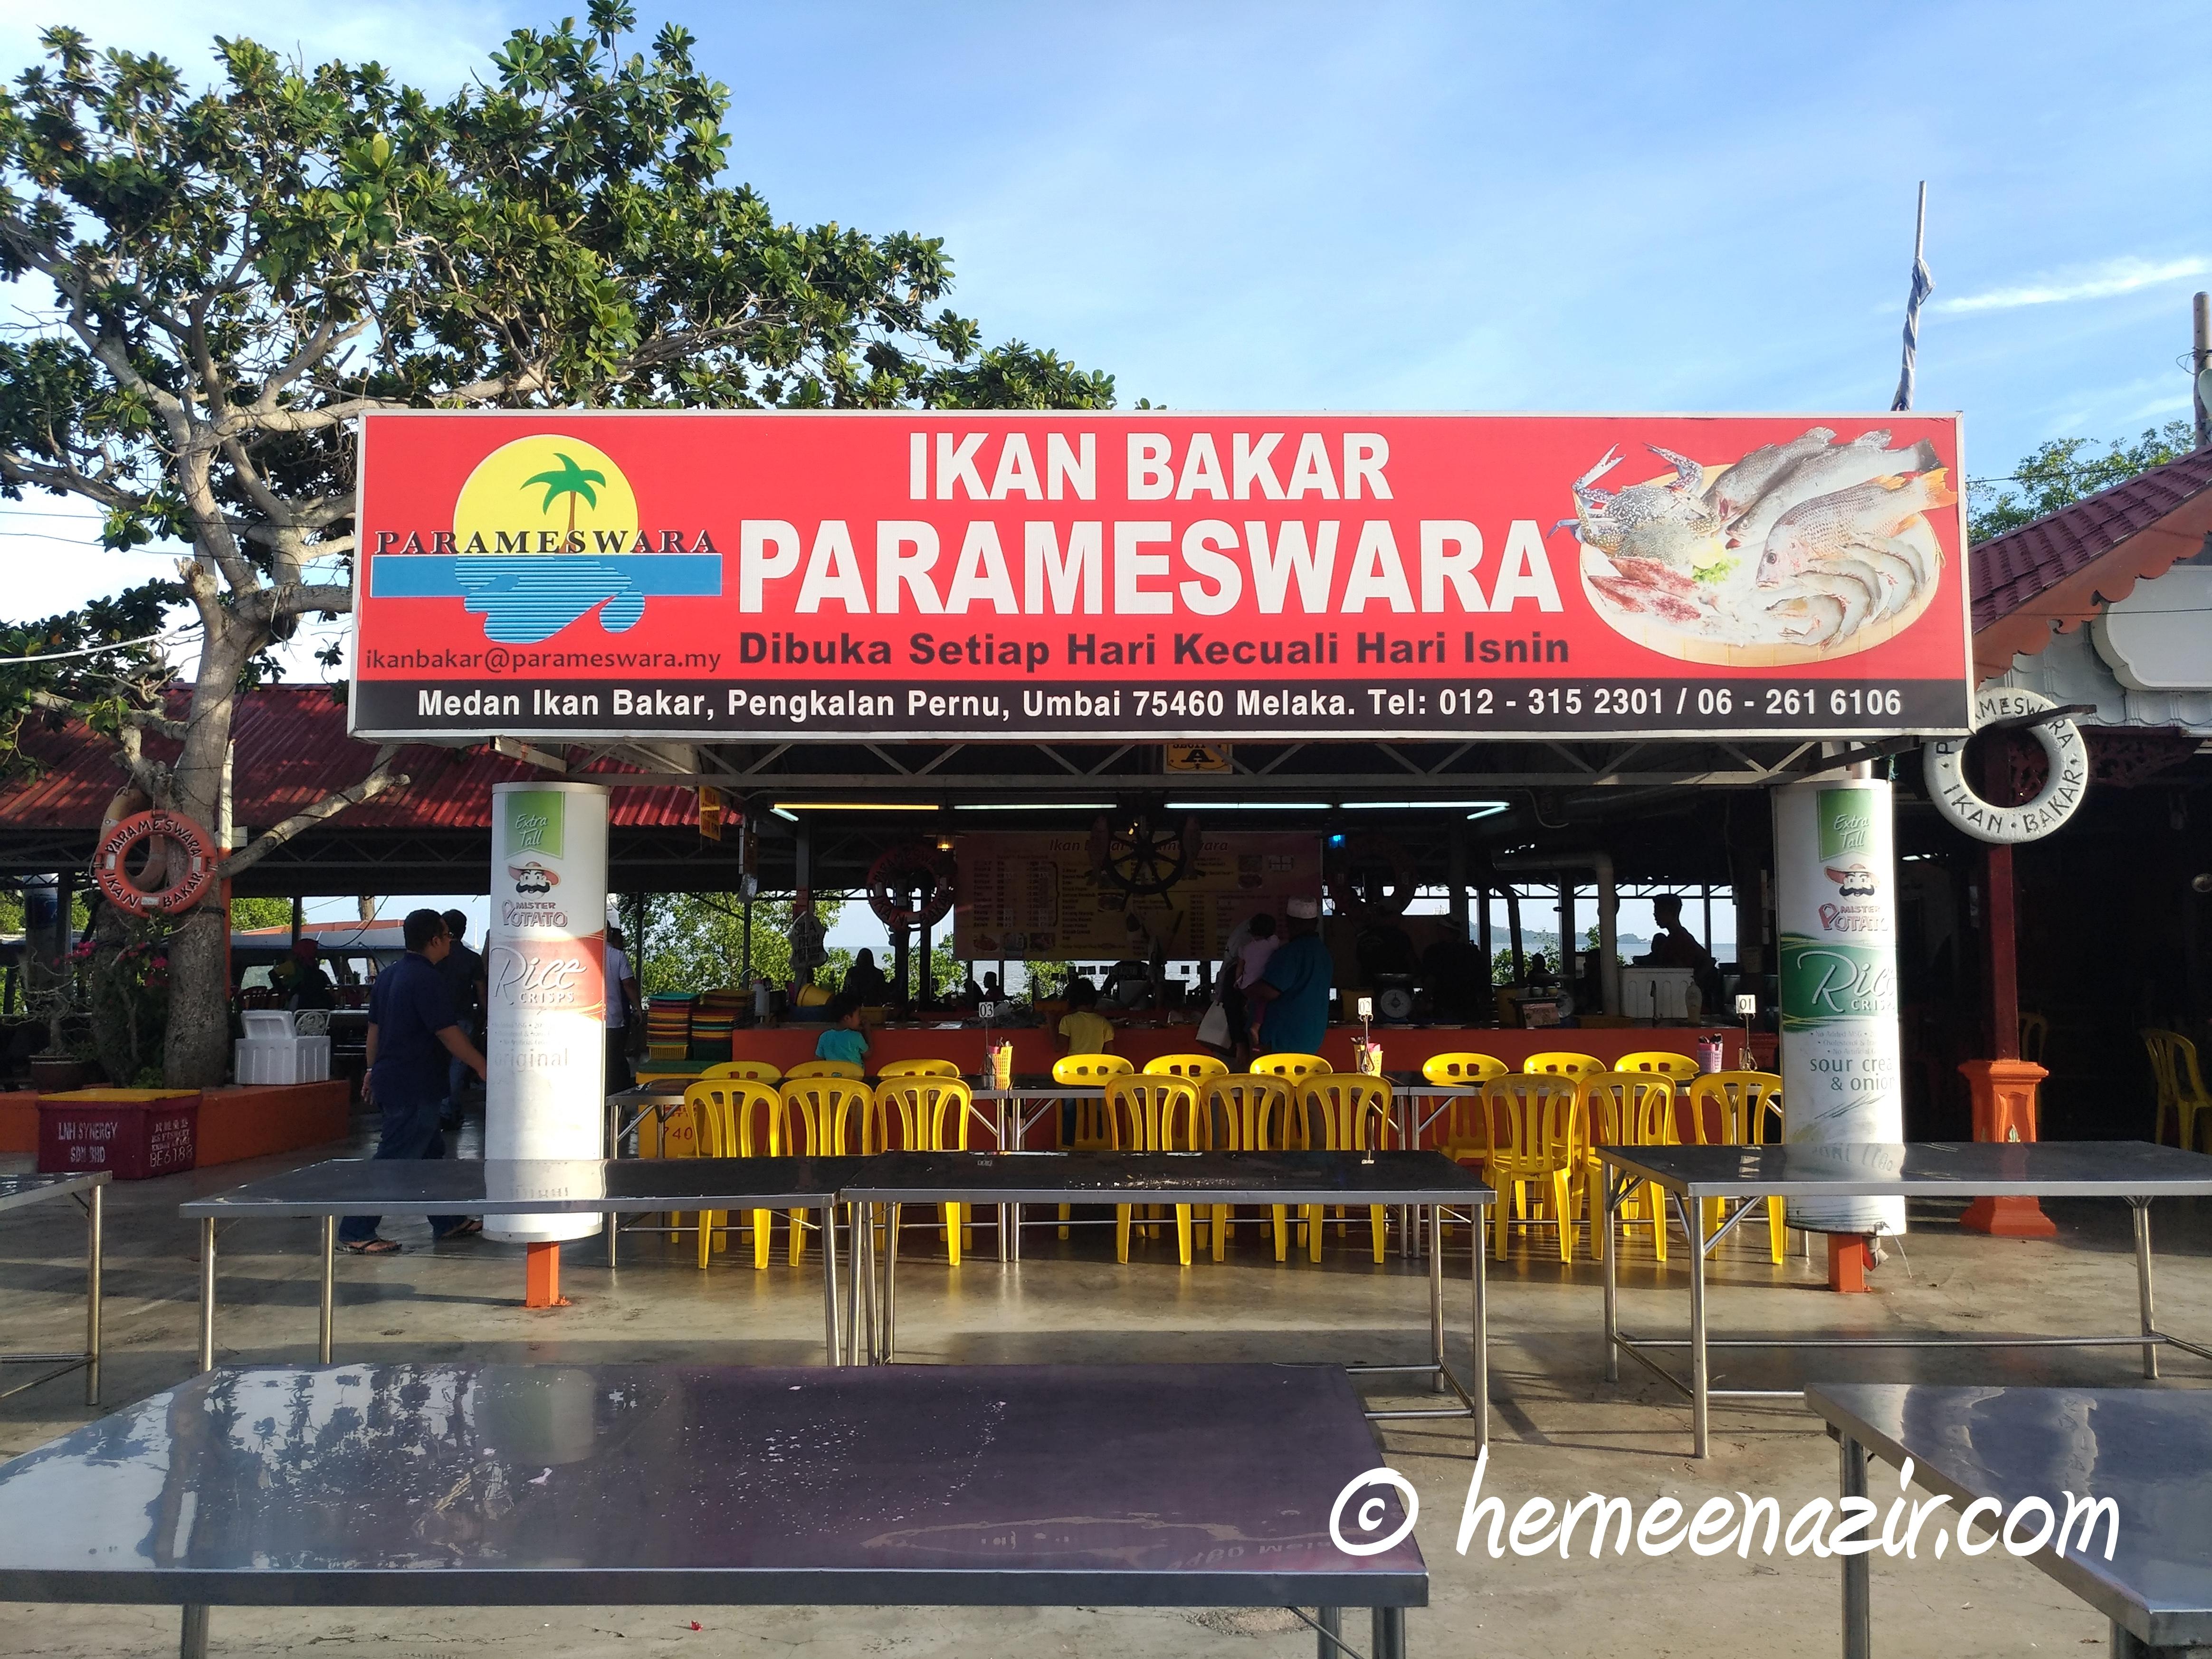 Makan-makan di Ikan Bakar Parameswara, Medan Ikan Bakar Pernu